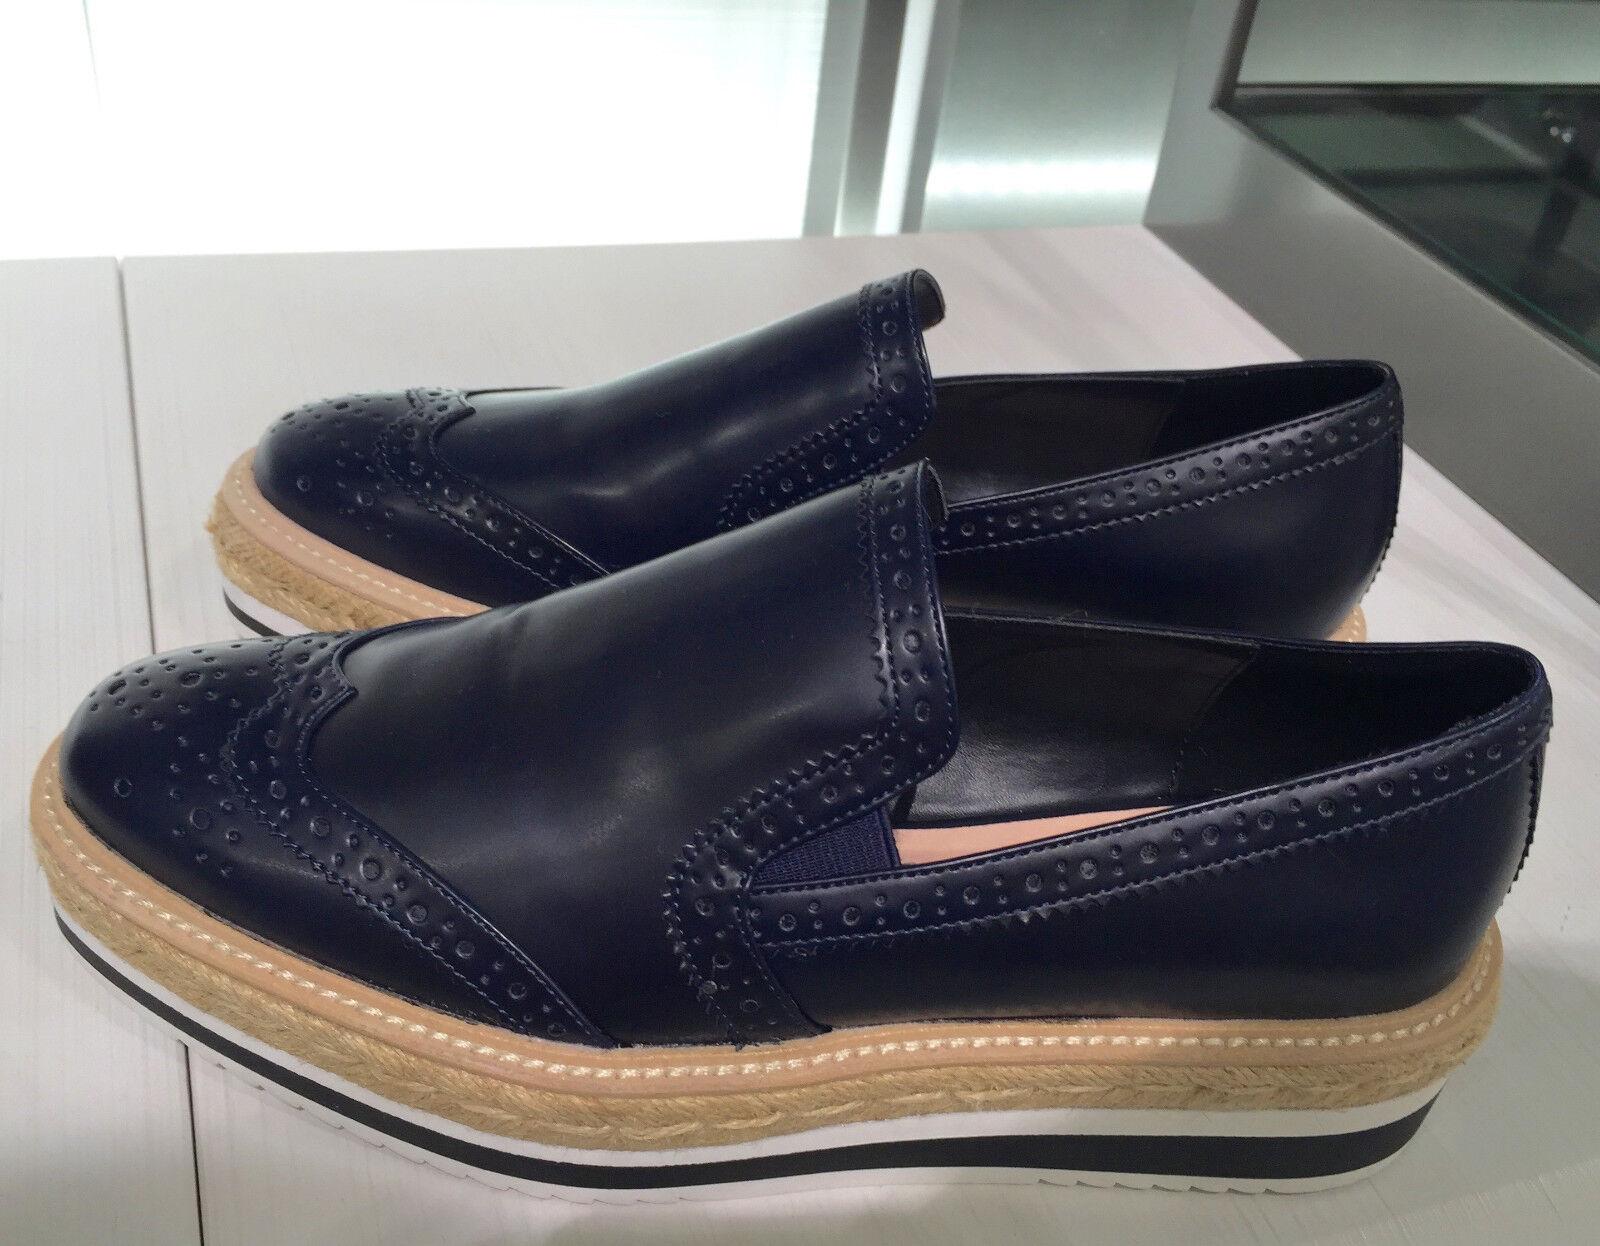 Zara Nuevos Zapatos Zapatos Zapatos De Plataforma Plana de Mujer Azul Marino 36-41 Ref. 3260 101  mejor vendido